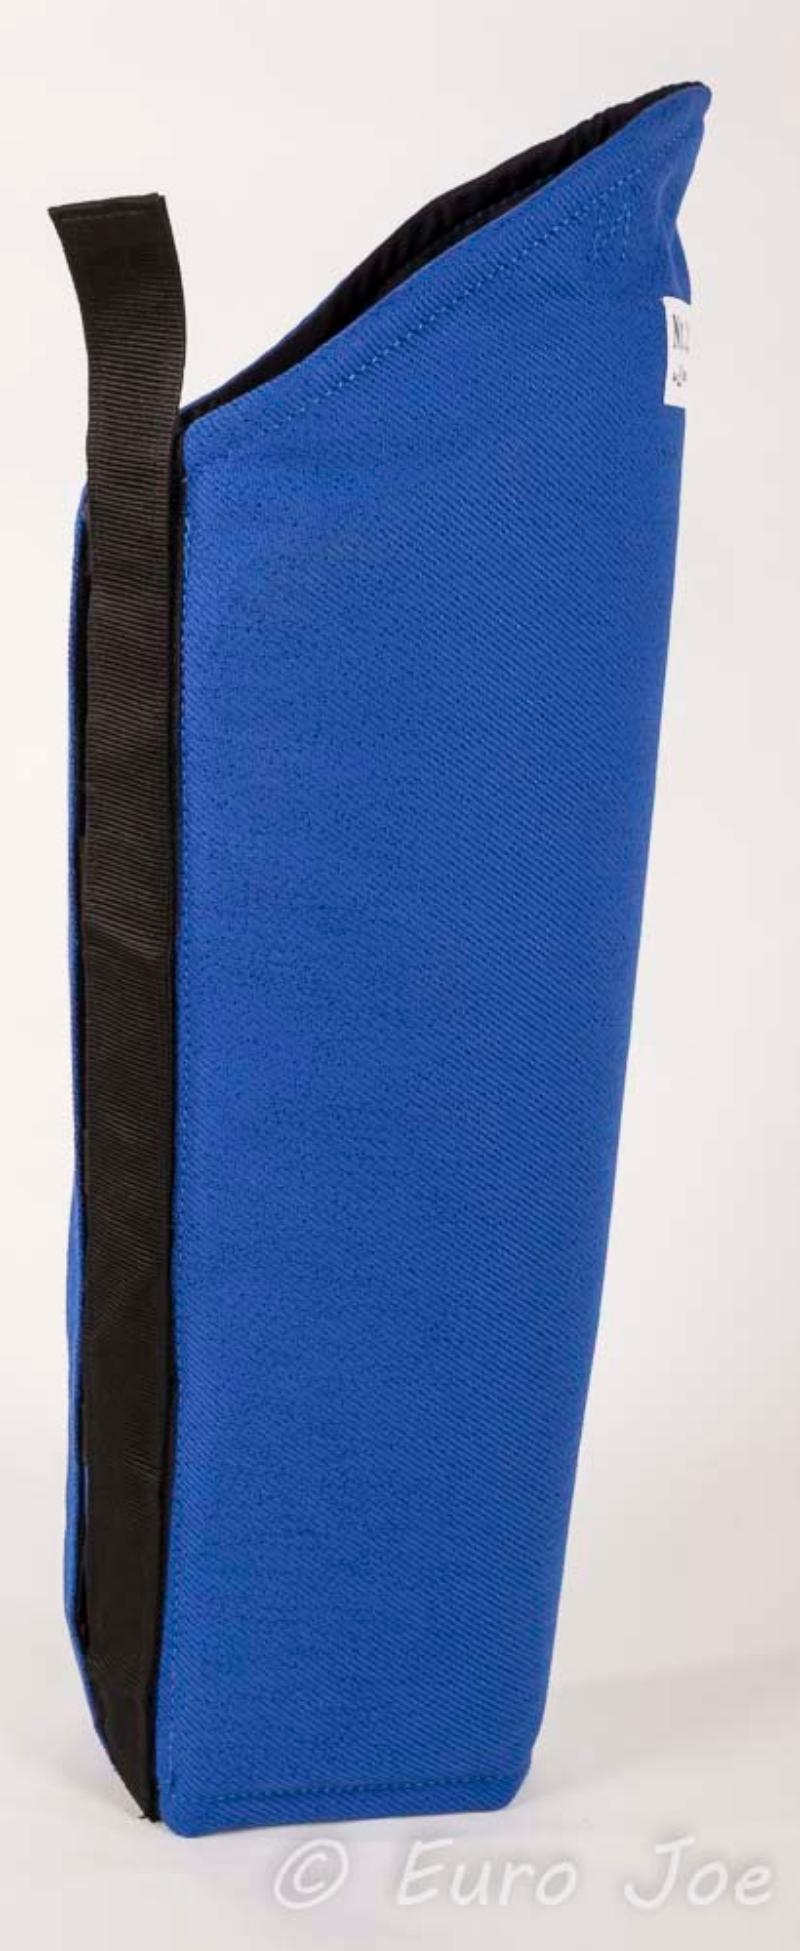 Euro-Joe-Bite-Sleeve-Leg-High-Velcro-Nylcot-No2